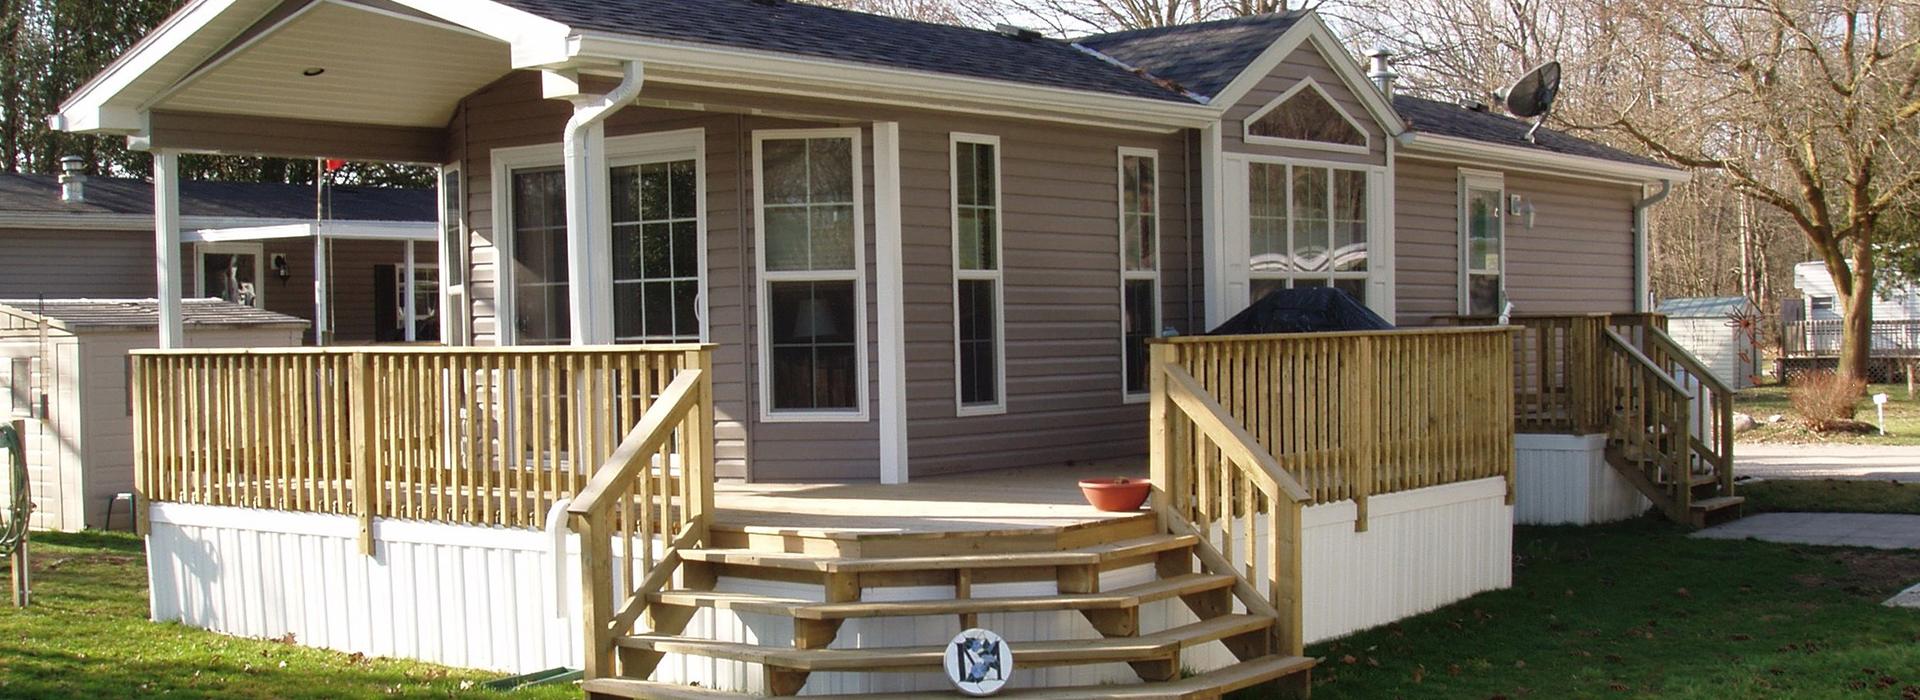 AAA Home Repair And Remodeling - Bathroom remodeling burleson tx